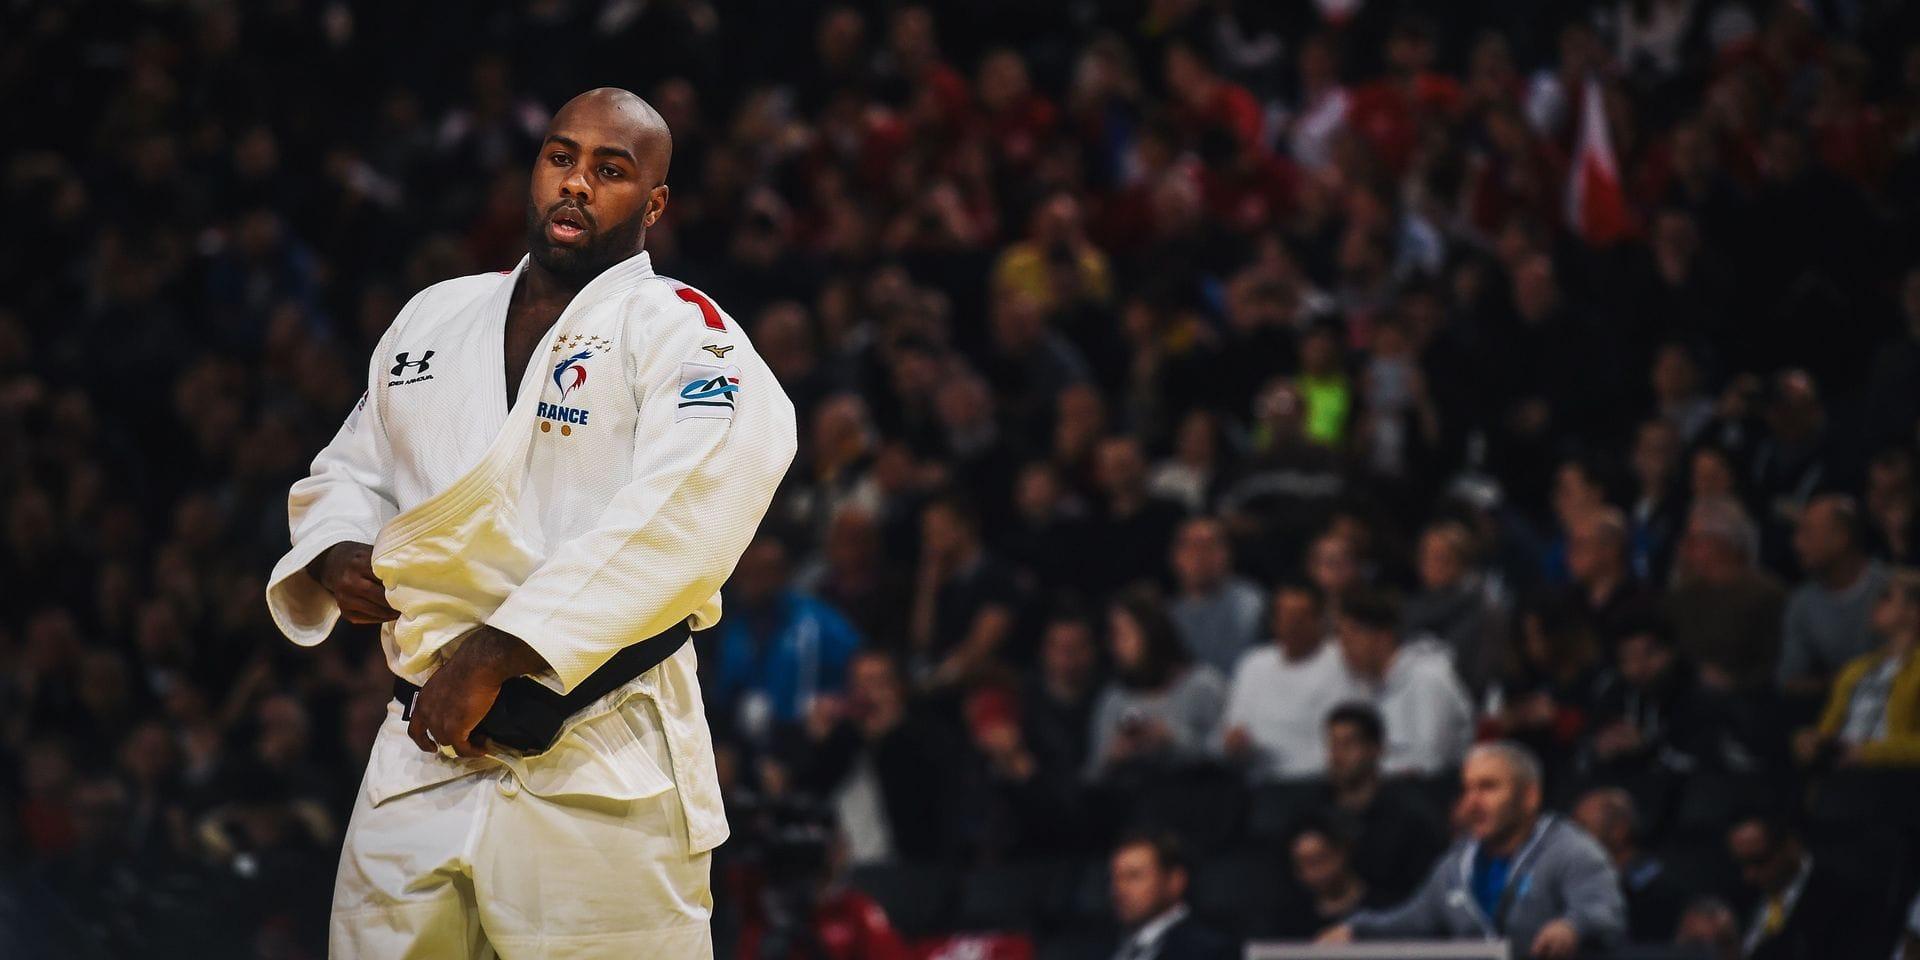 Les flops de l'année dans les sports olympiques: un report historique, une défaite et des soupçons